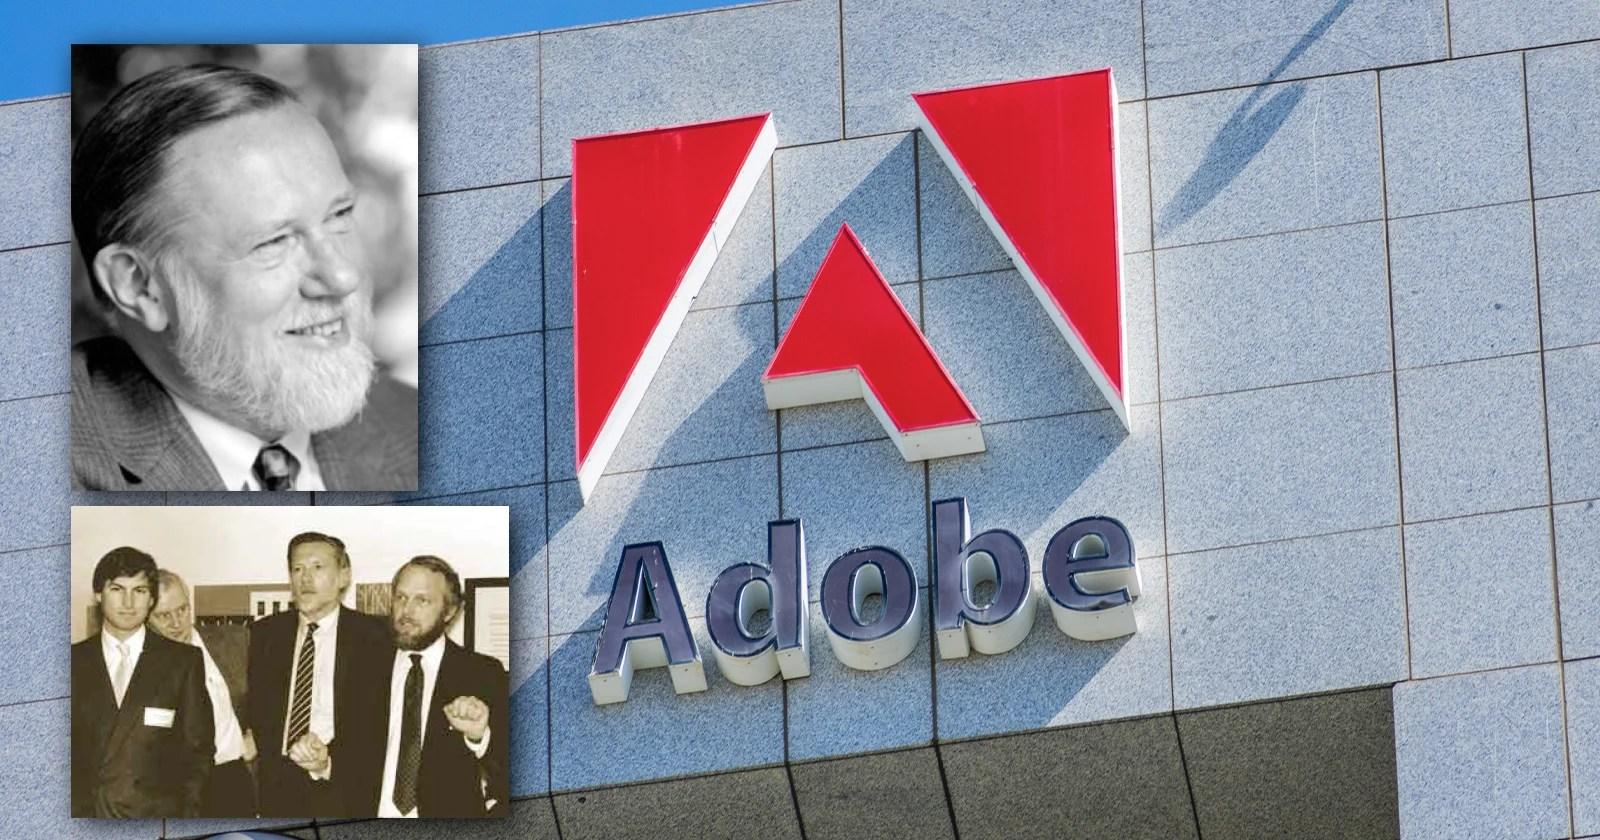 Il fondatore di Adobe Charles Geschke muore a 81 anni